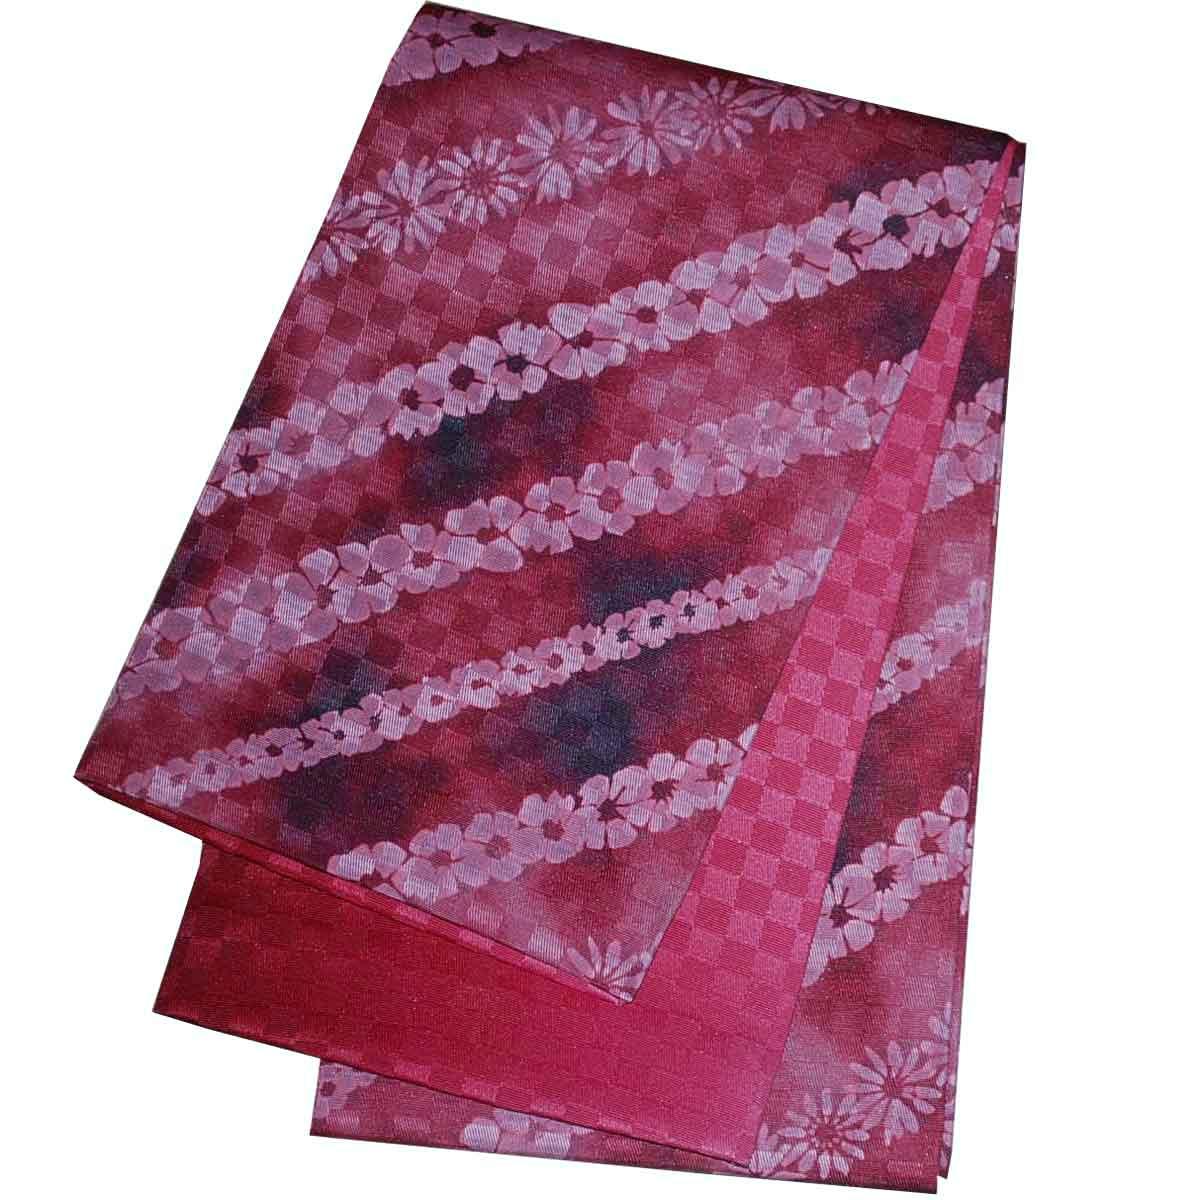 5%OFF クーポン 送料無料 日本製 絞り調本袋 浴衣帯 半幅帯 半幅帯 リバーシブル 小袋帯 裏市松 チェック 赤 出店10周年記念